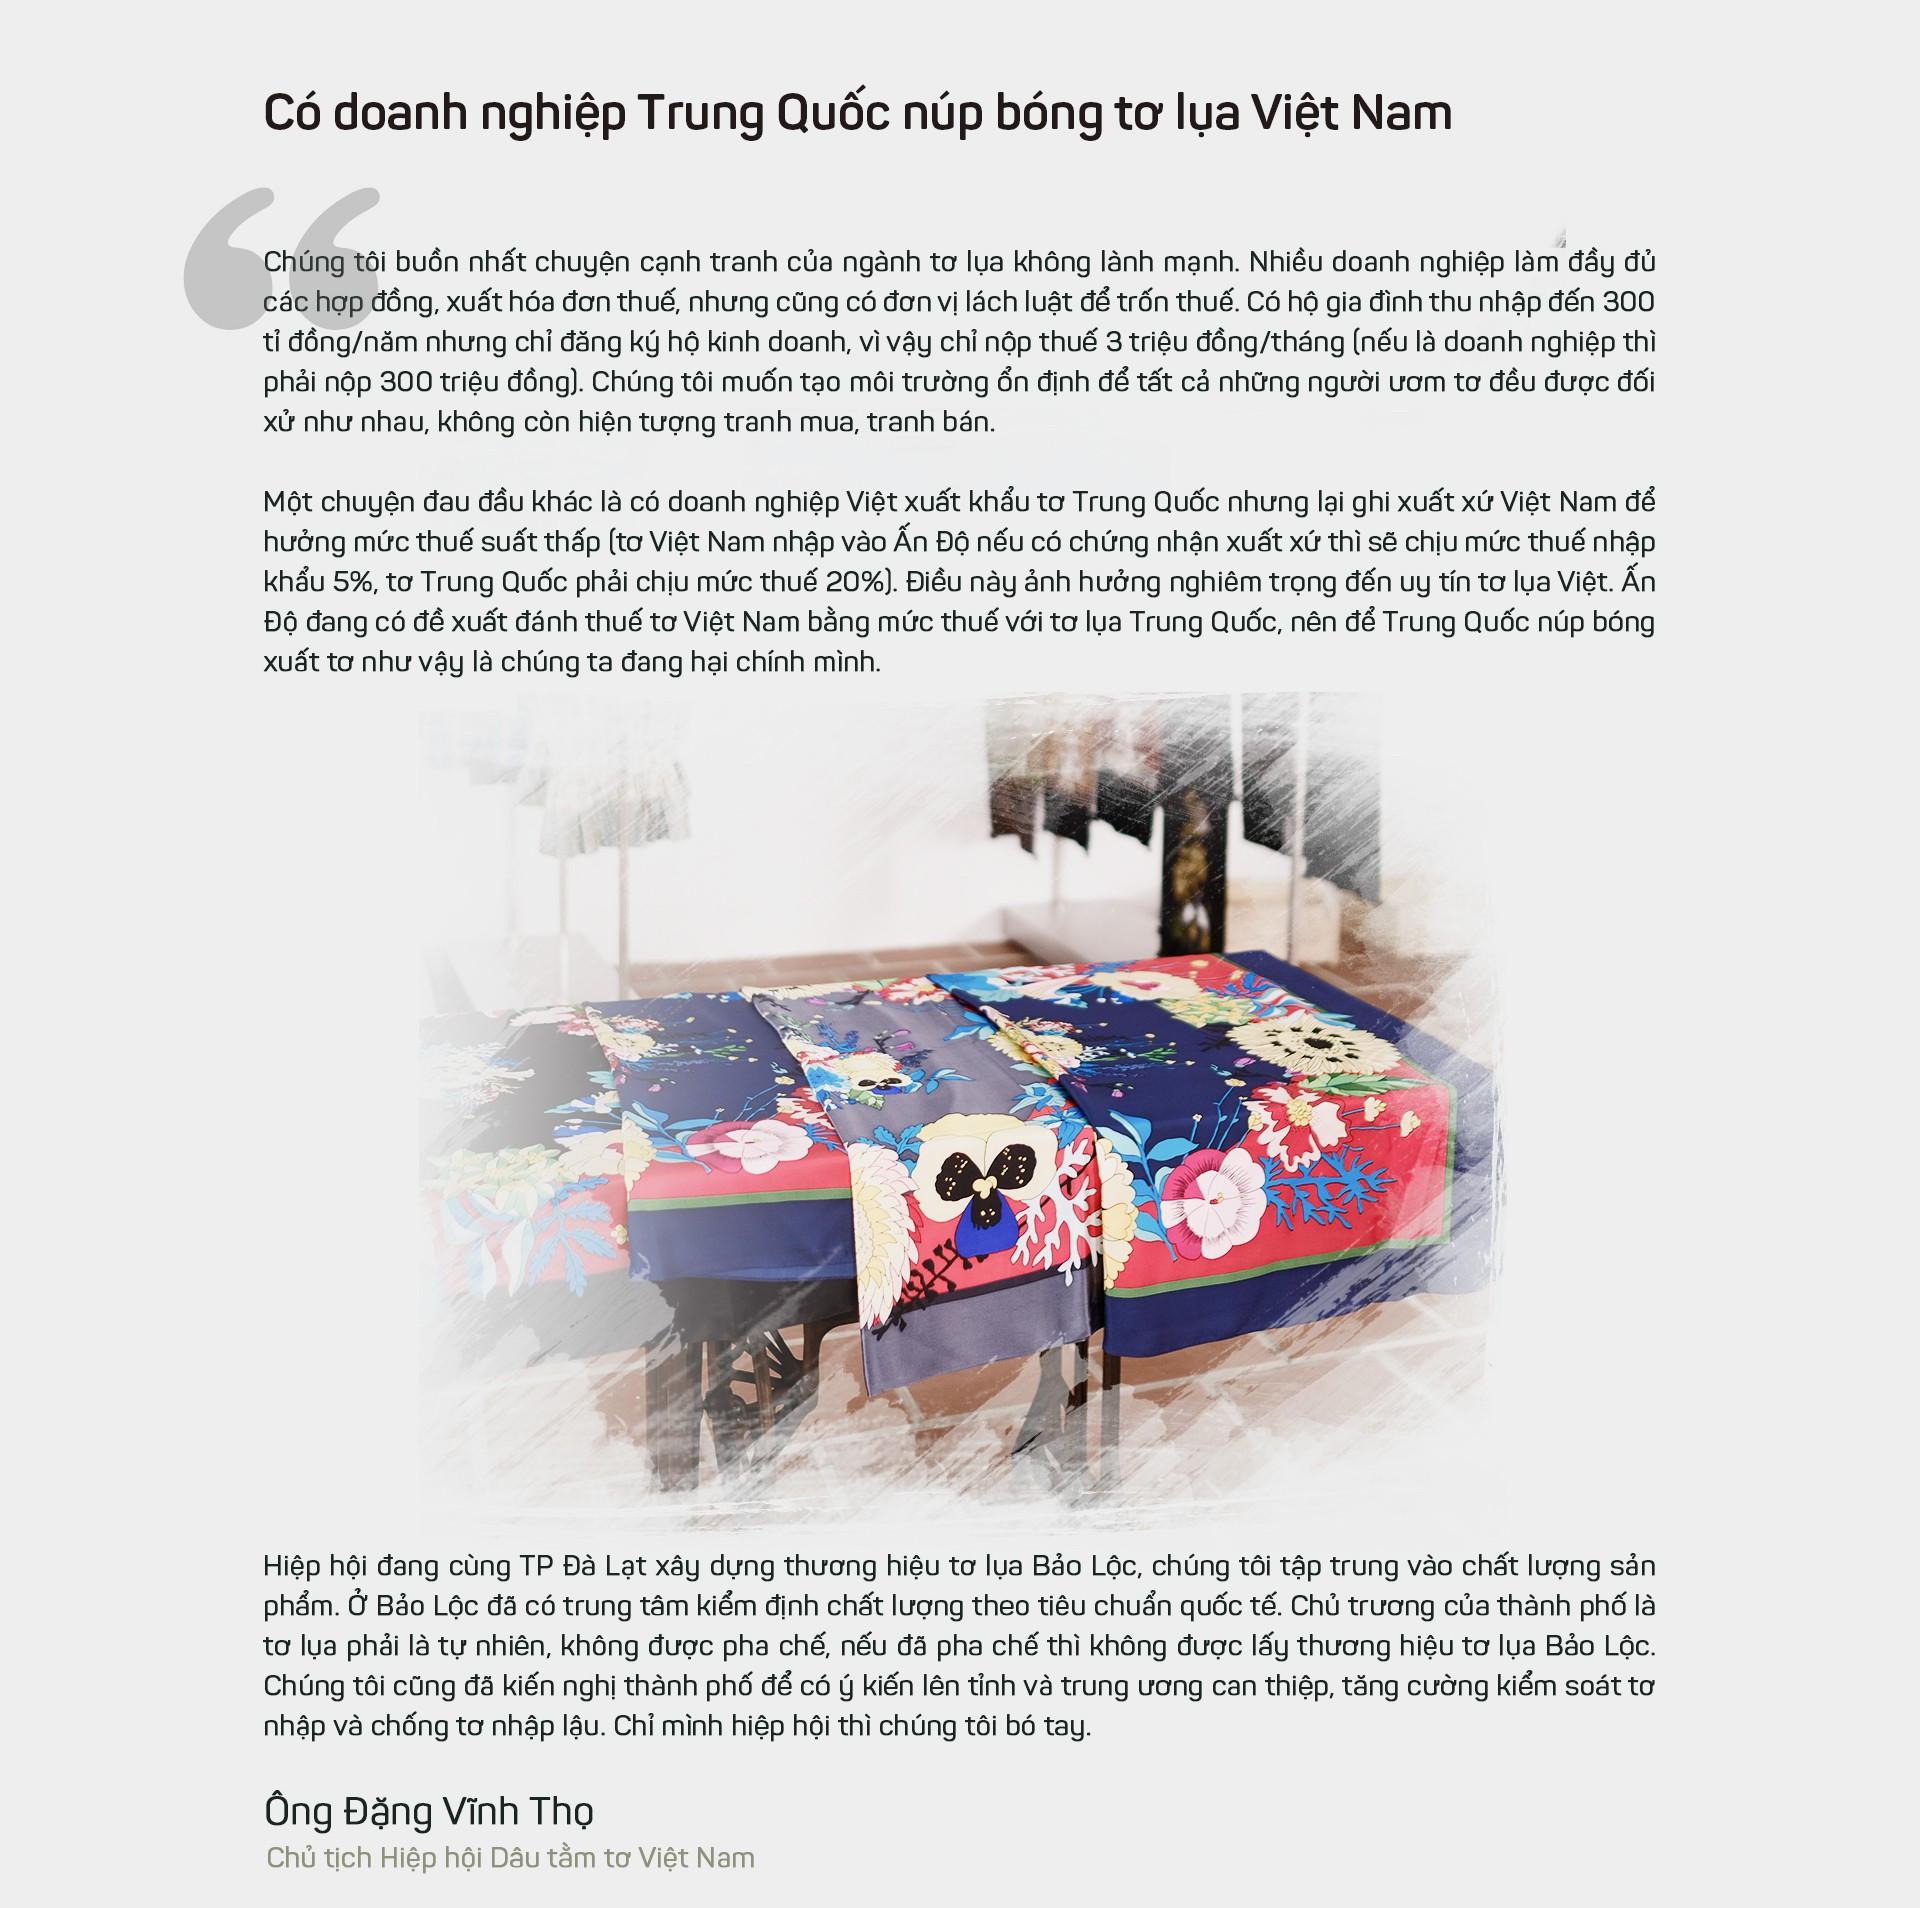 Tơ lụa Việt Nam: Sứ mệnh mới của thủ phủ tơ tằm Bảo Lộc - Ảnh 9.